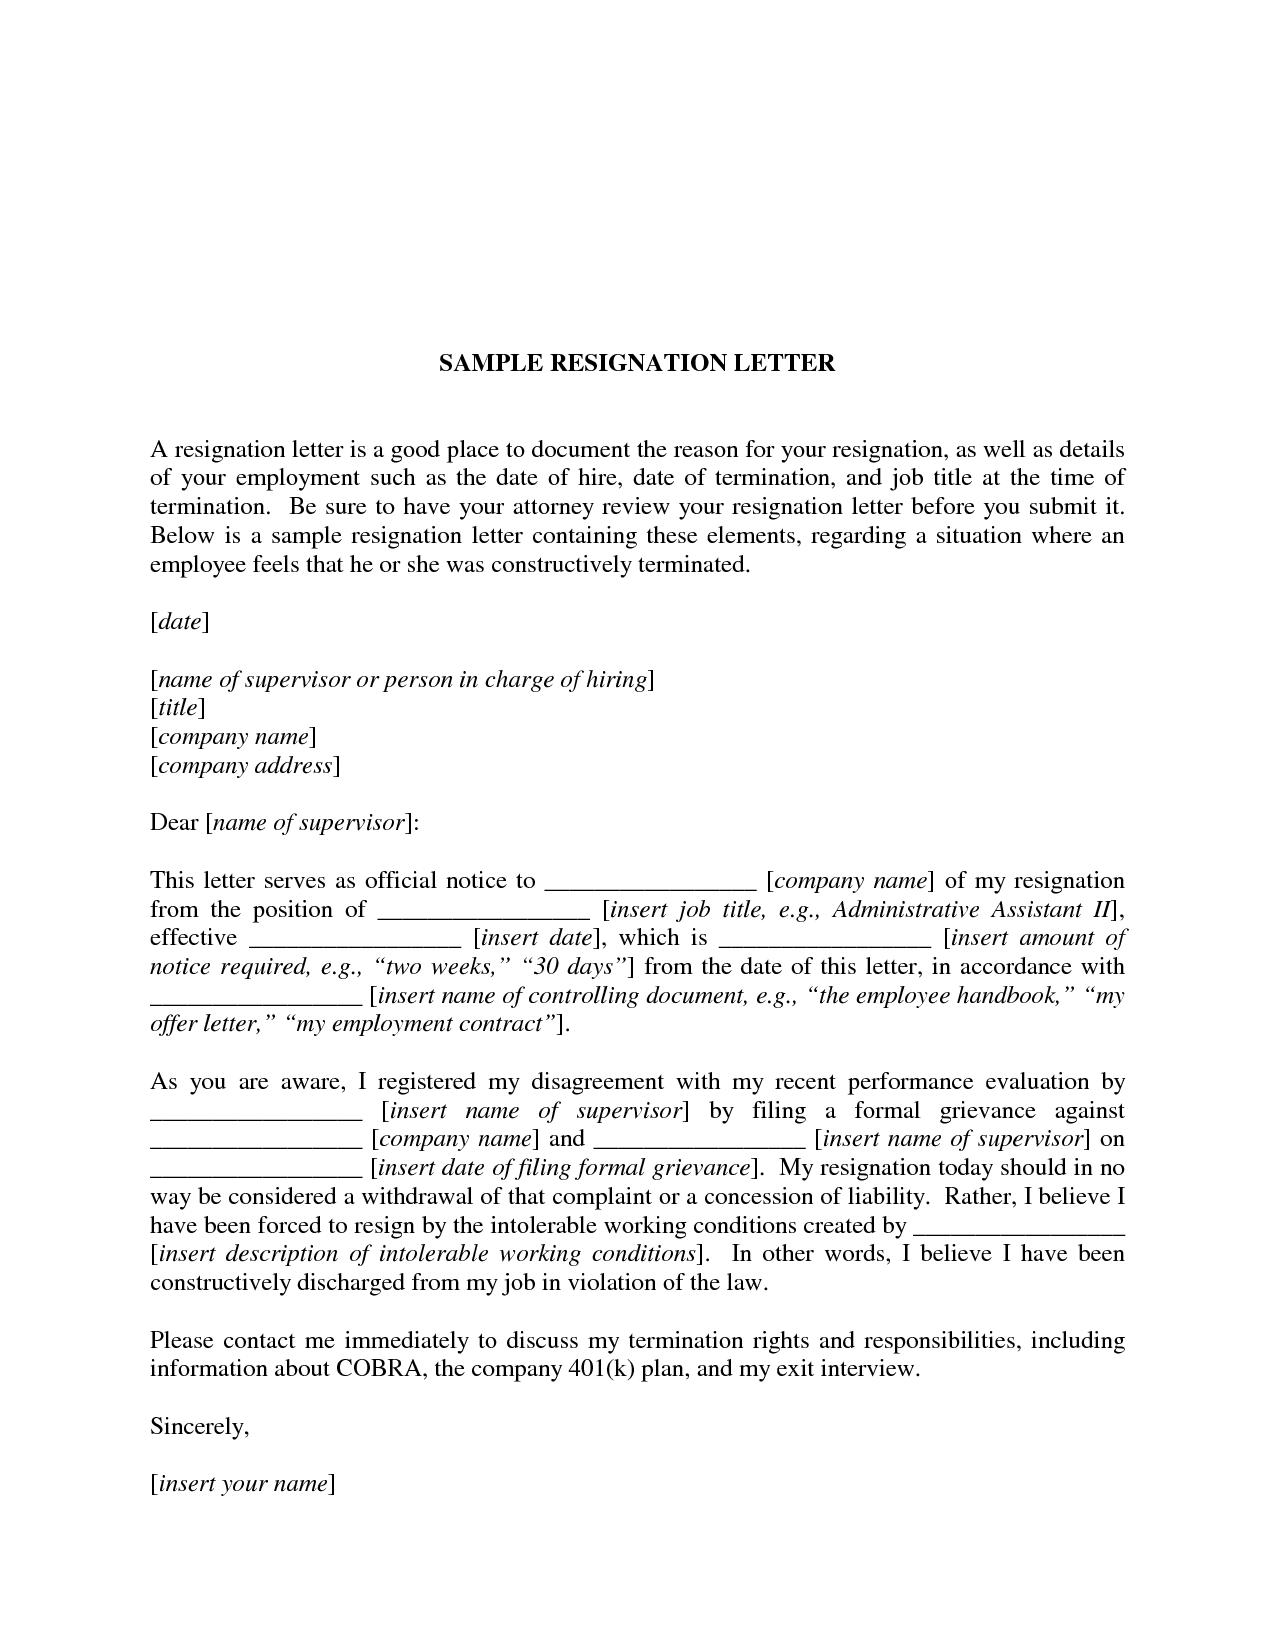 involuntary resignation letter sample resignation letter 20 best exle involuntary resignation letter what ...